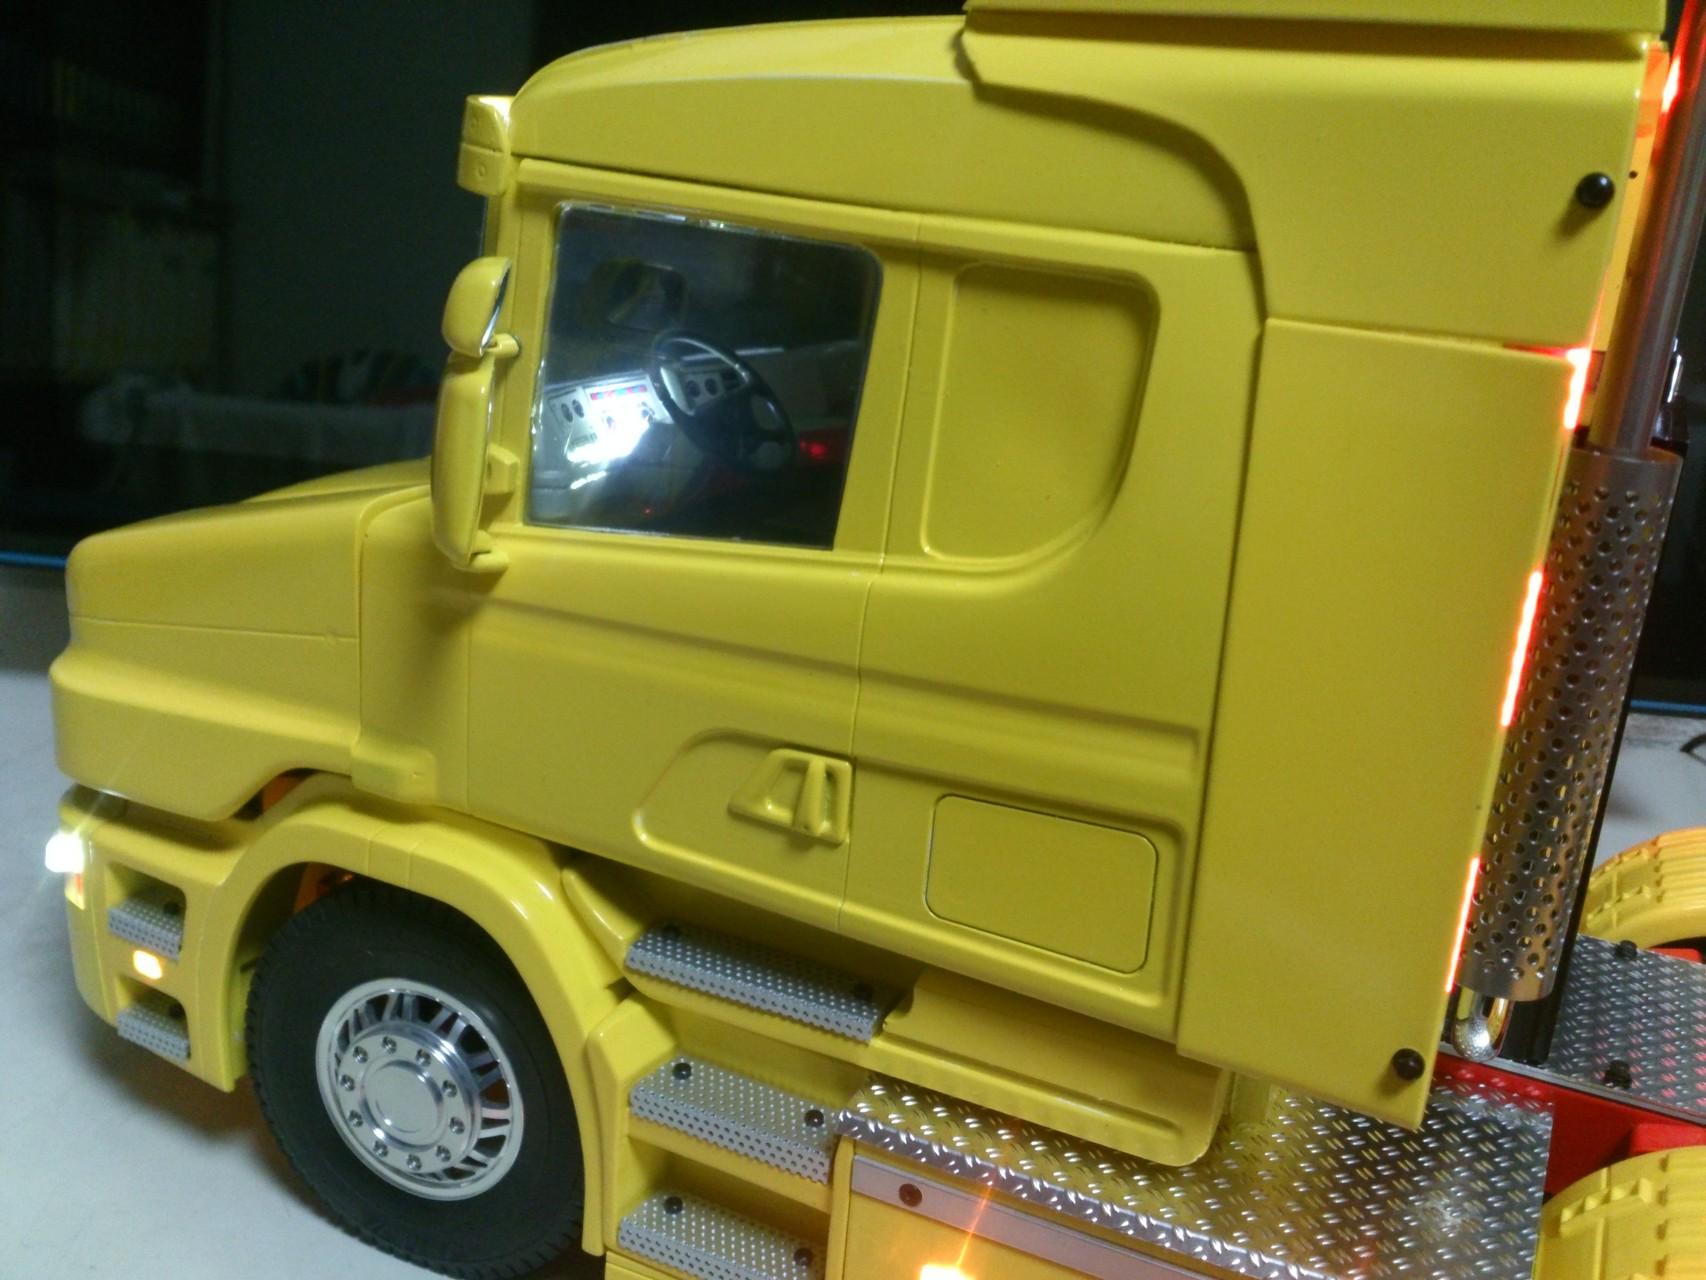 Scania CT19のキャブ